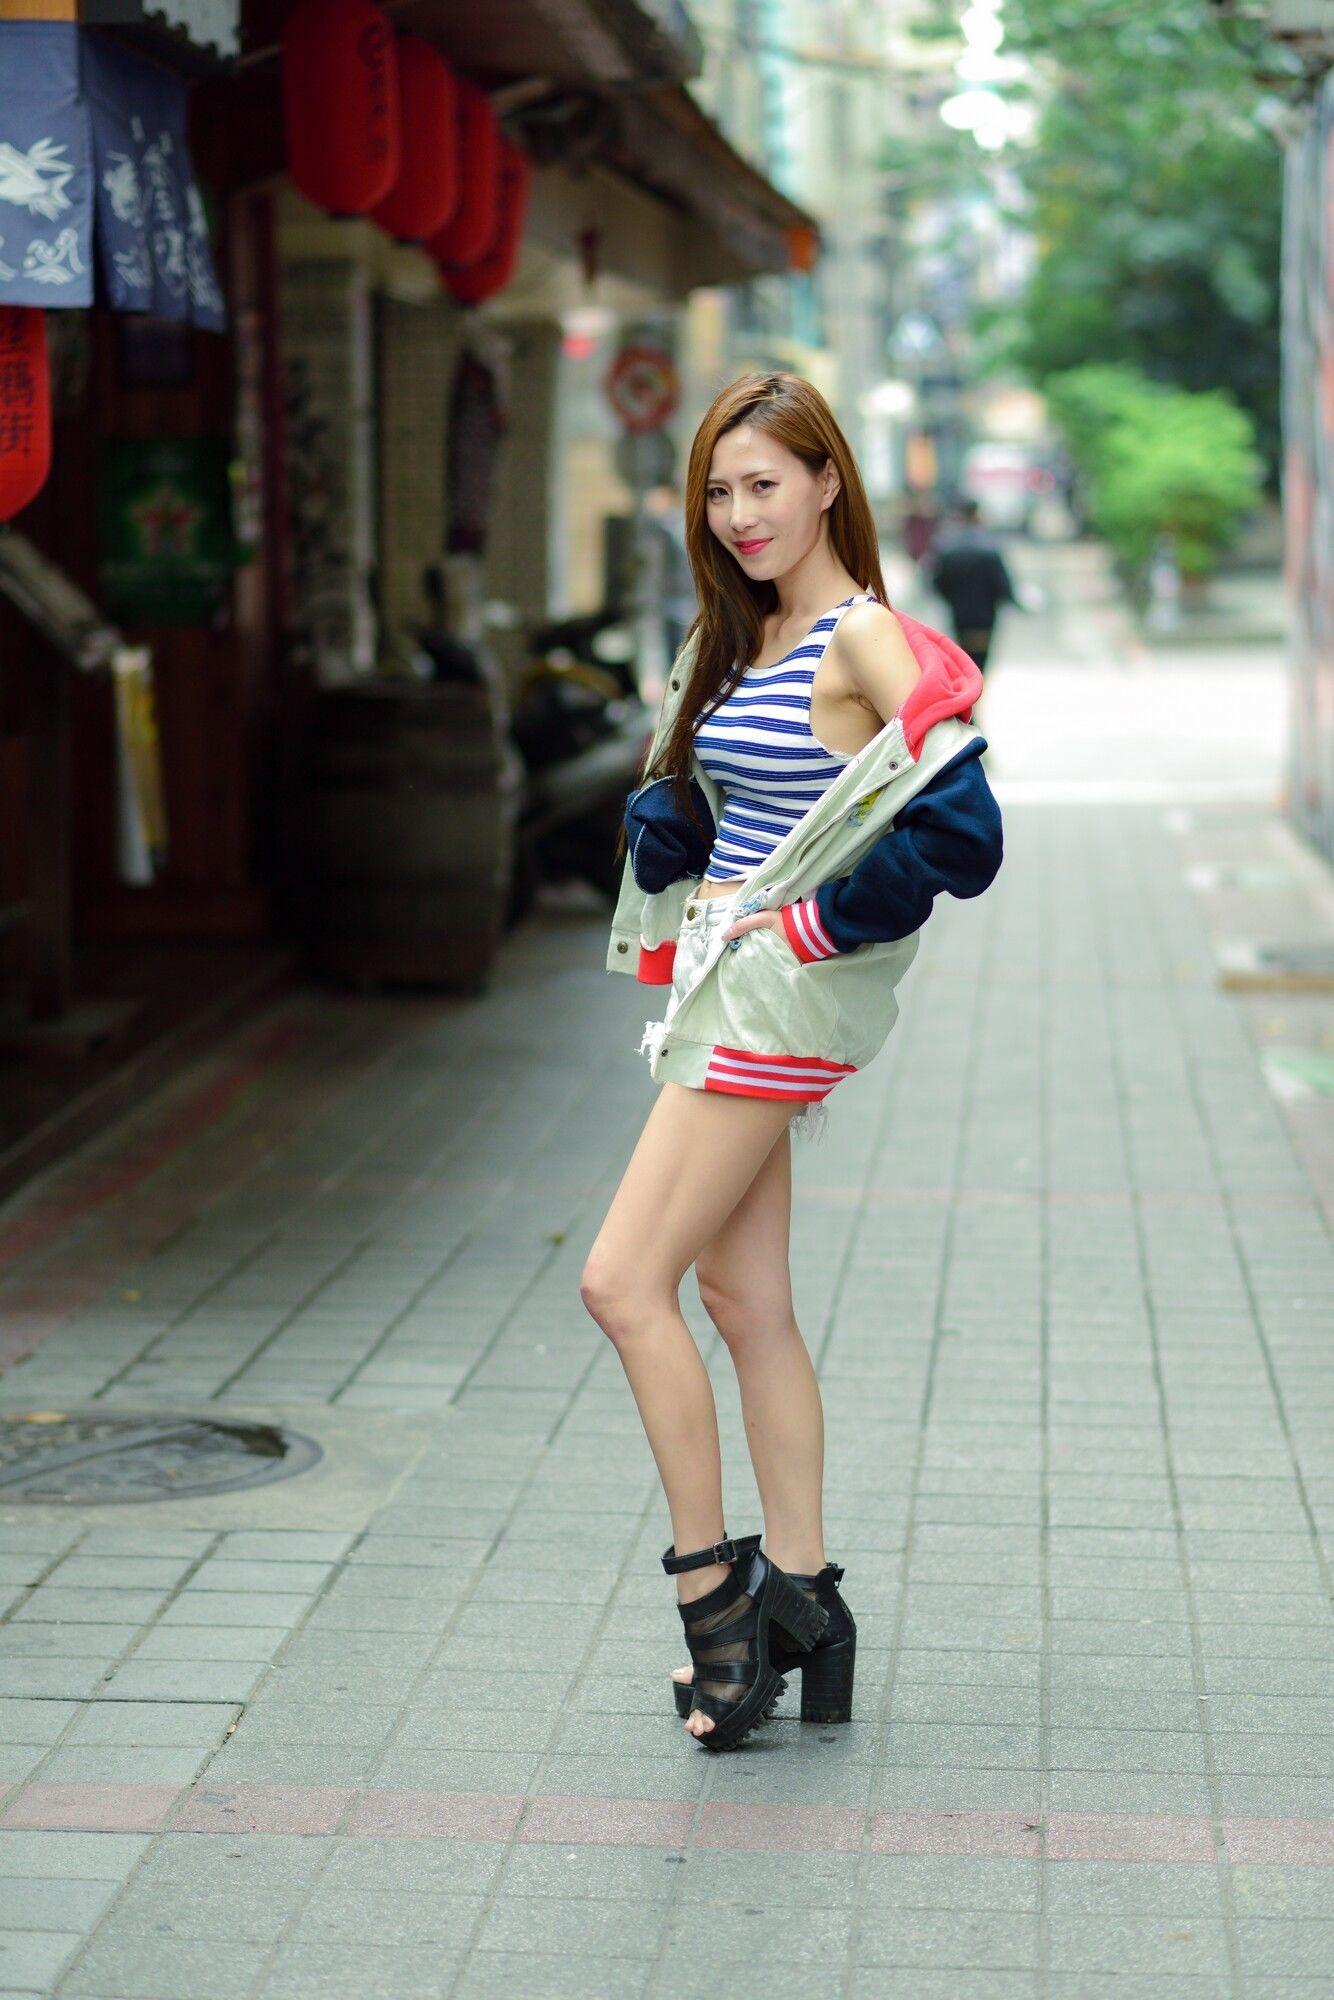 中国1700名正妹_女神专题65:[台湾正妹] 黄艾比Abbie - 长腿热裤街拍 - 哔哩哔哩